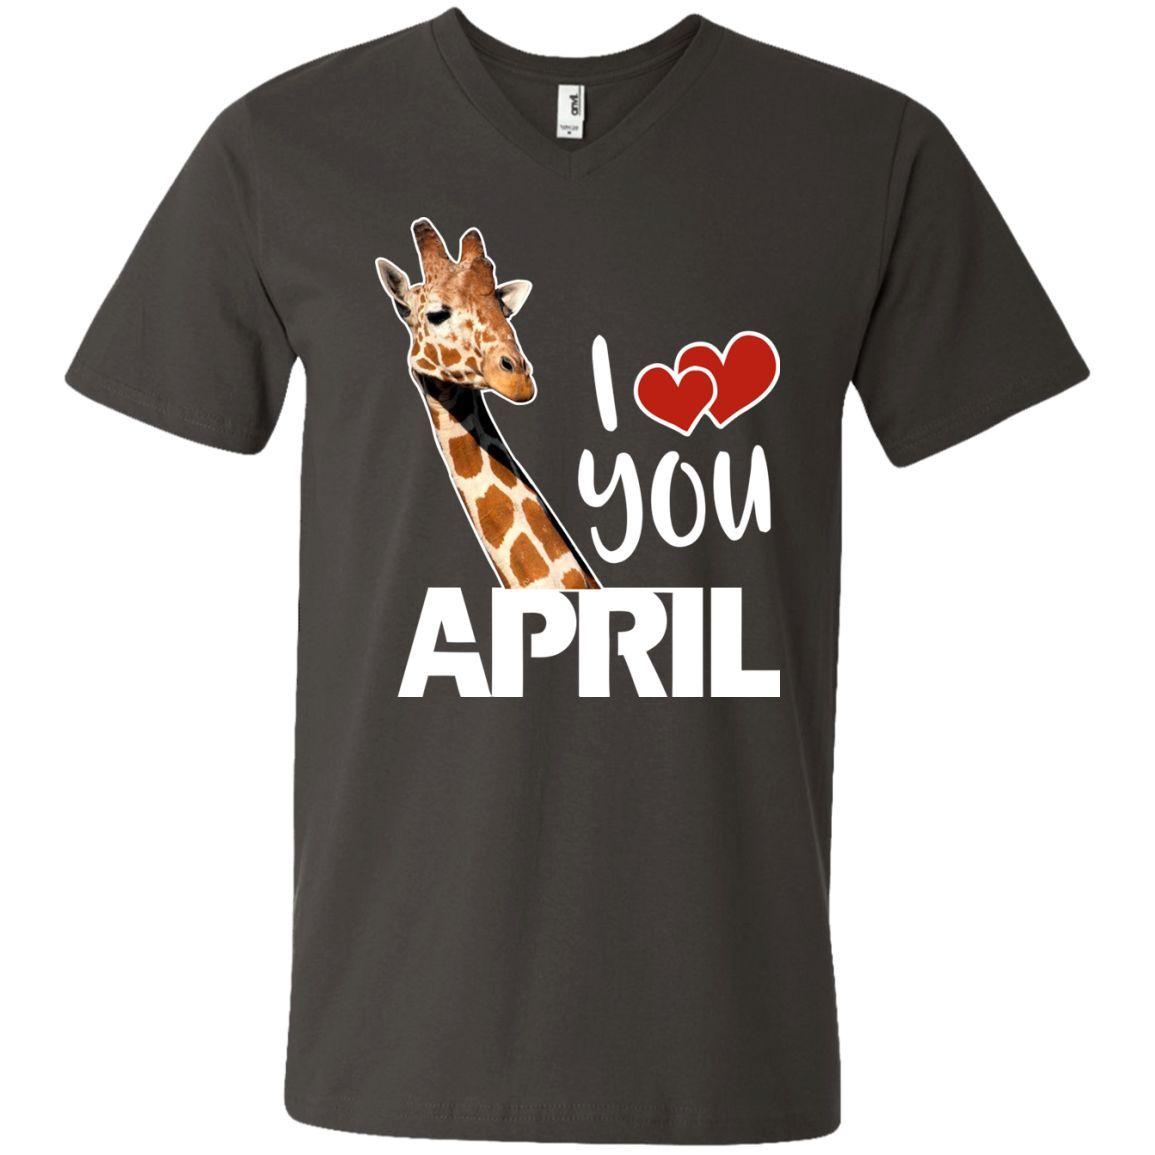 I love you April Giraffe 3 Men's Printed V-Neck T